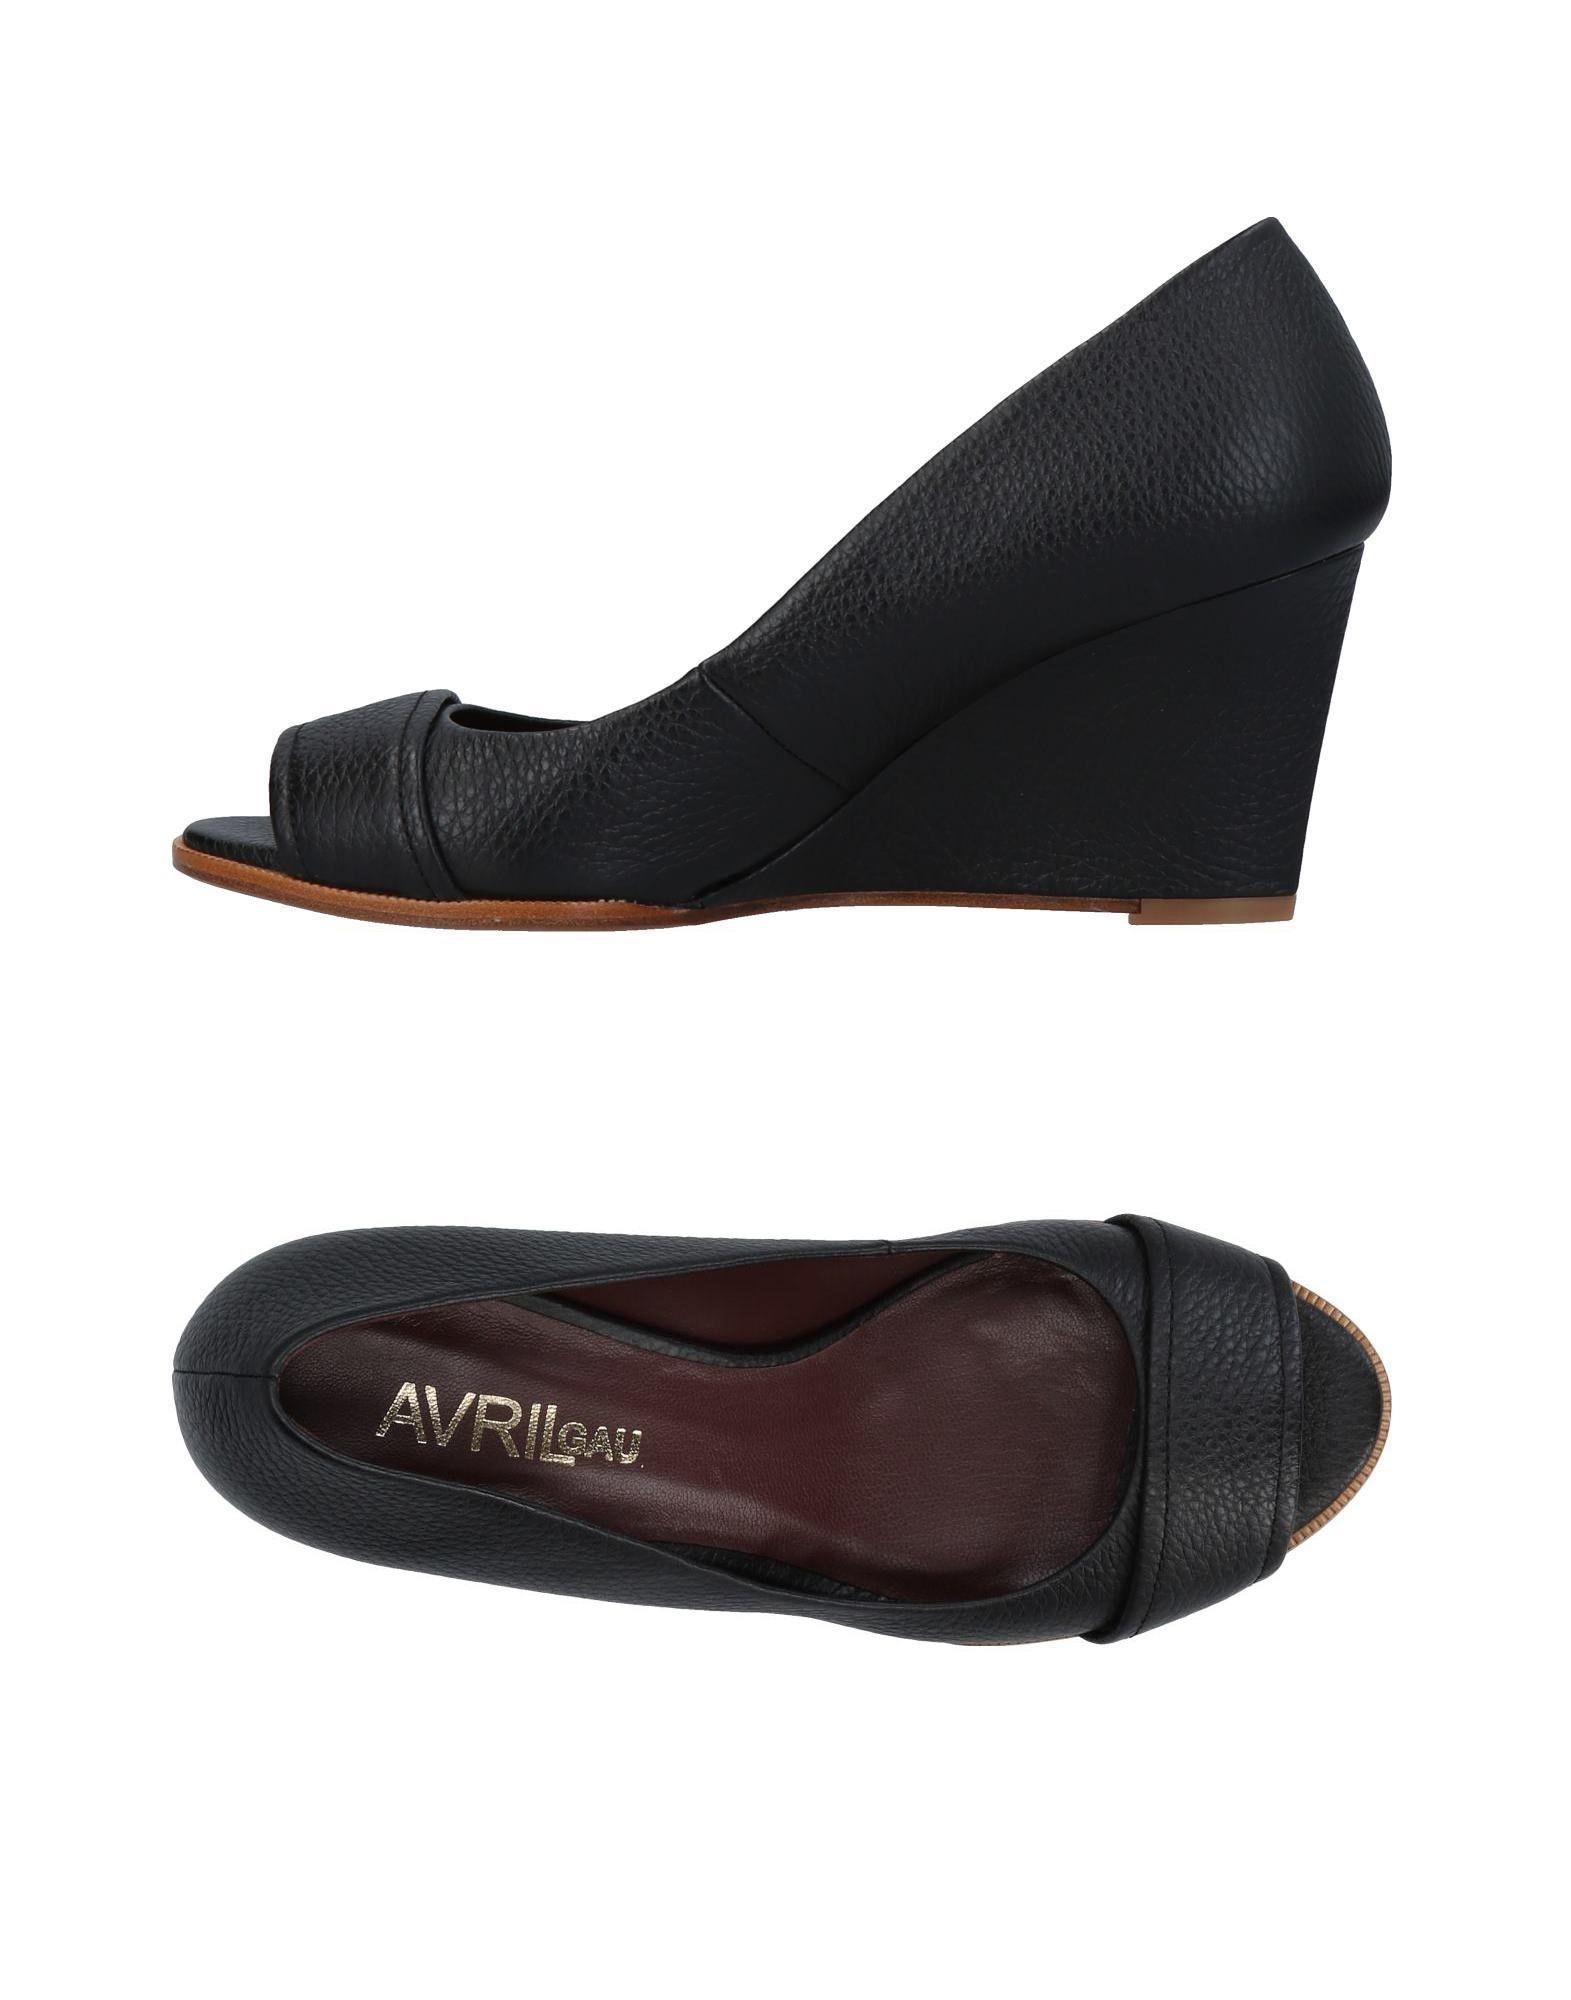 Stilvolle billige Schuhe Avril Gau Pumps Damen  11430476DQ